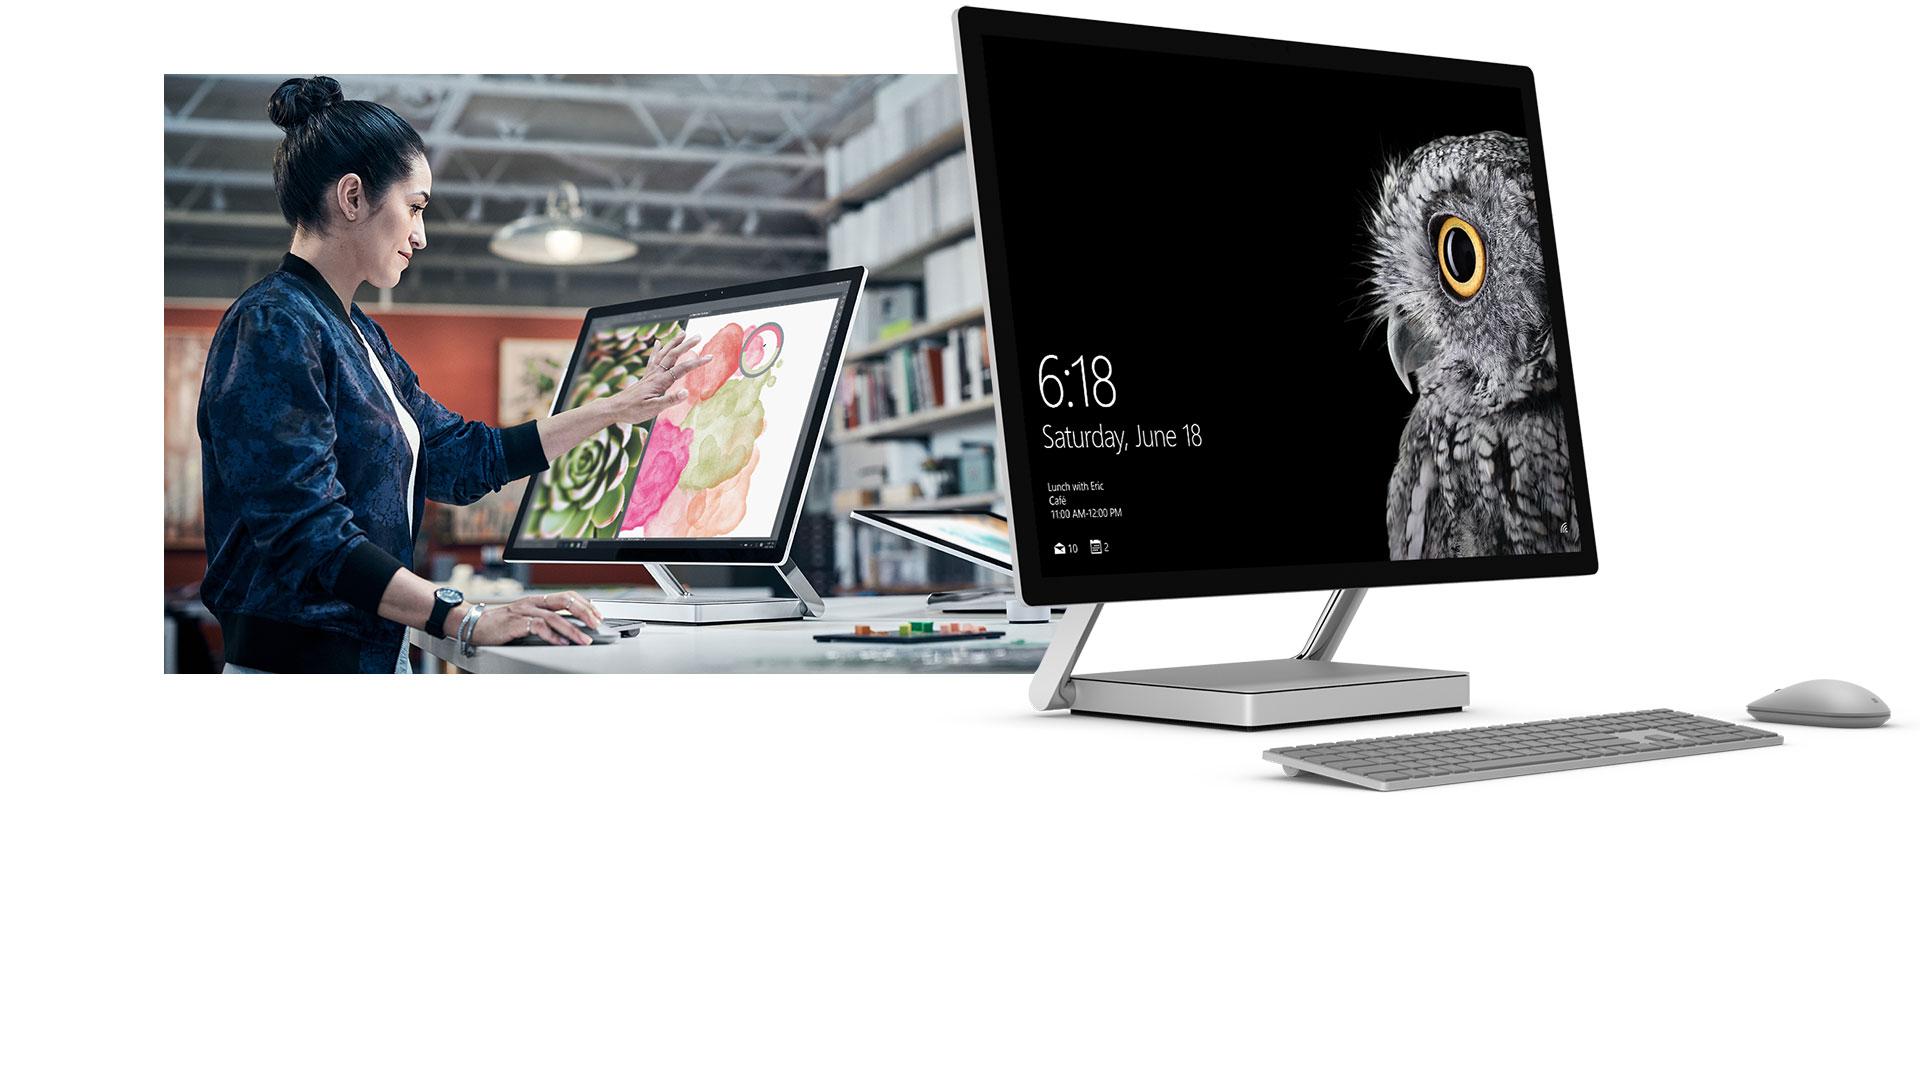 Vrouw die het scherm aanraakt van de Surface Studio in bureaubladmodus naast een product van Surface Studio